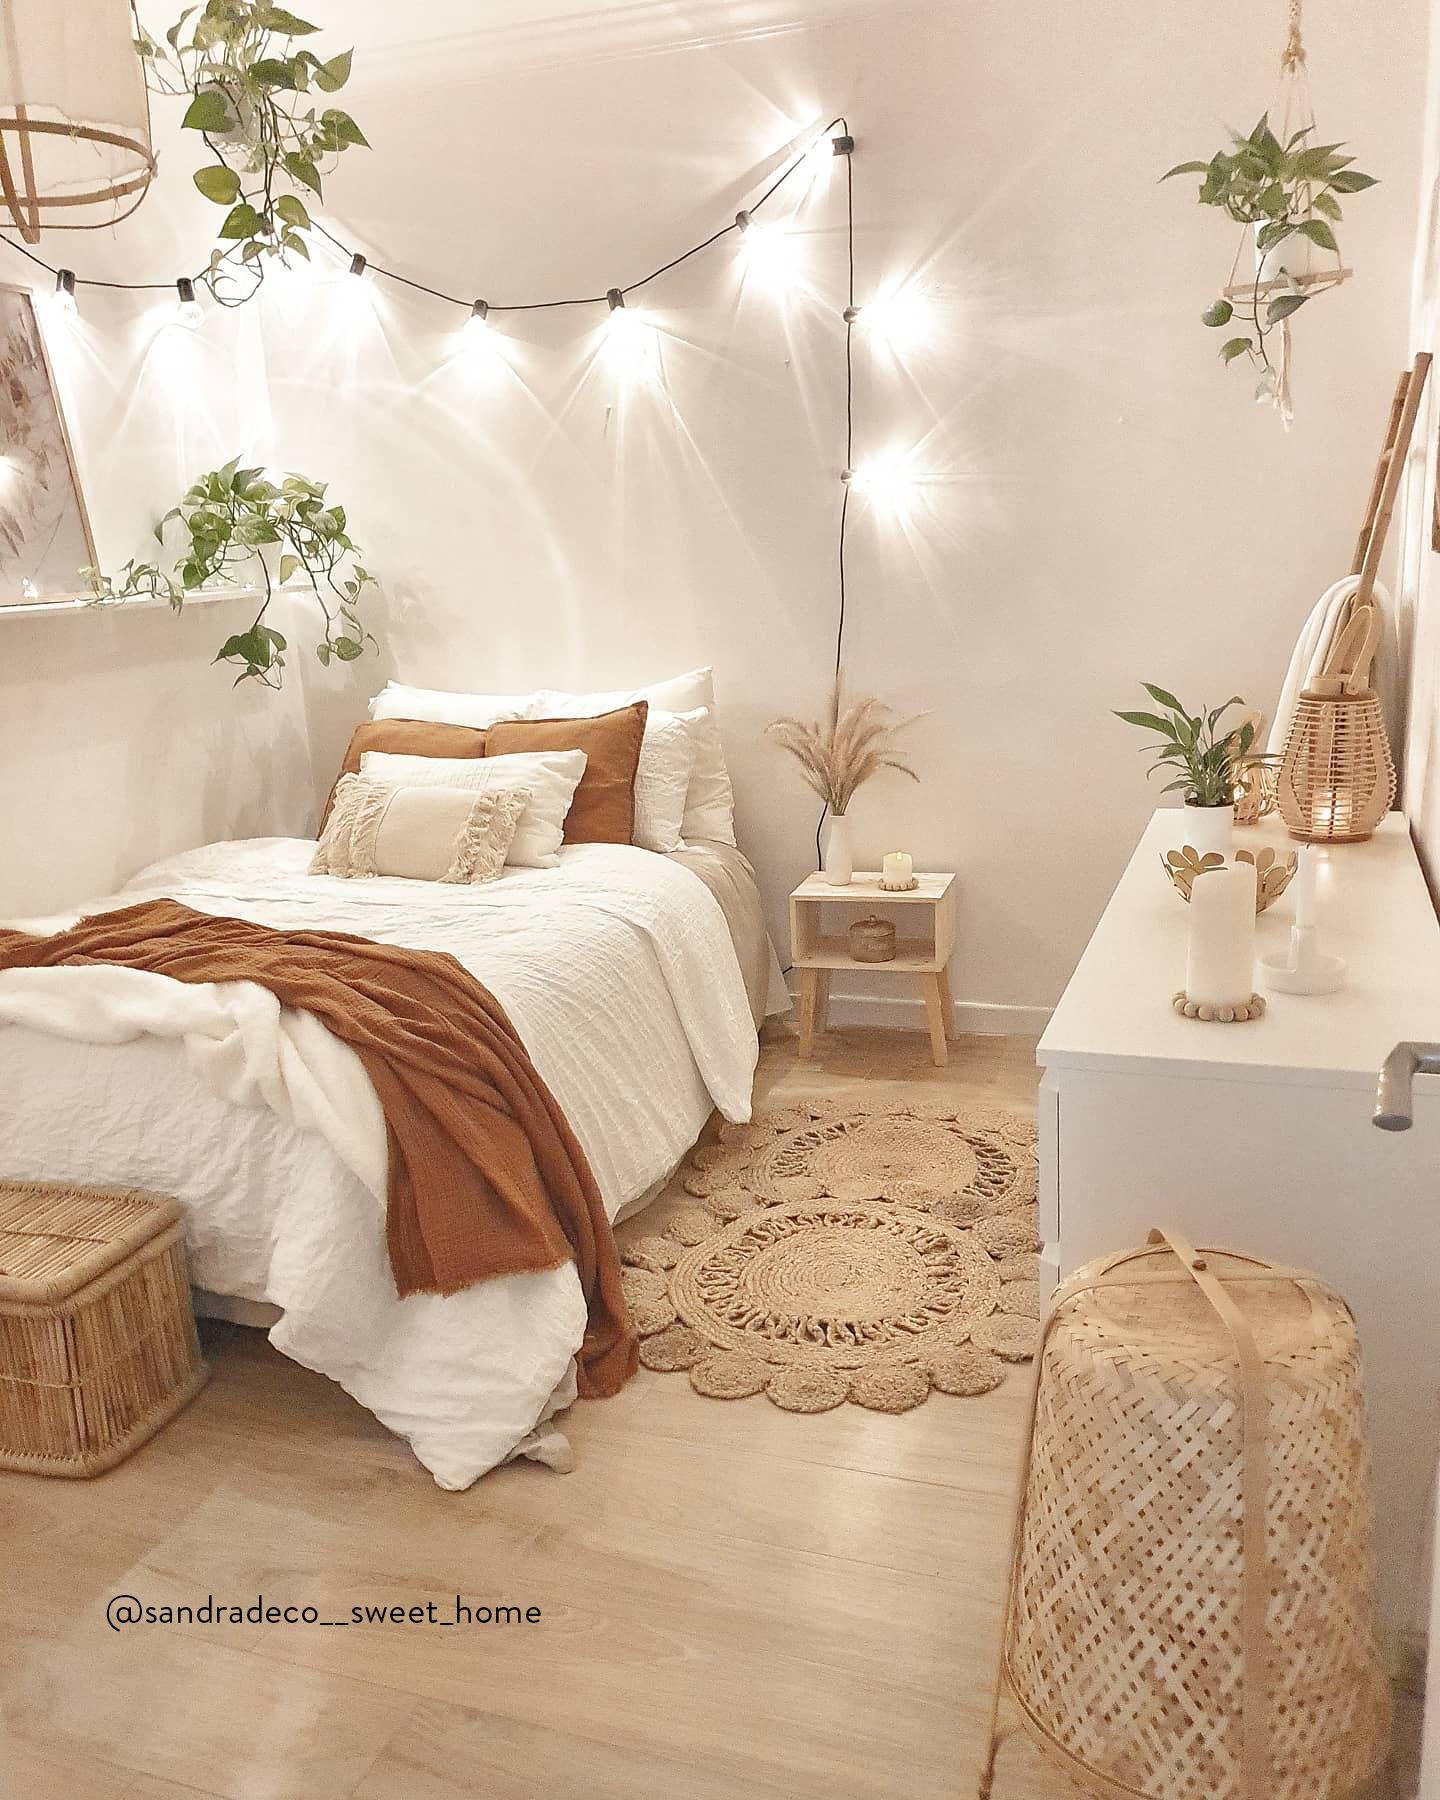 Interior für Urlaubs-Feeling in den eigenen vier Wänden IWestwingNow